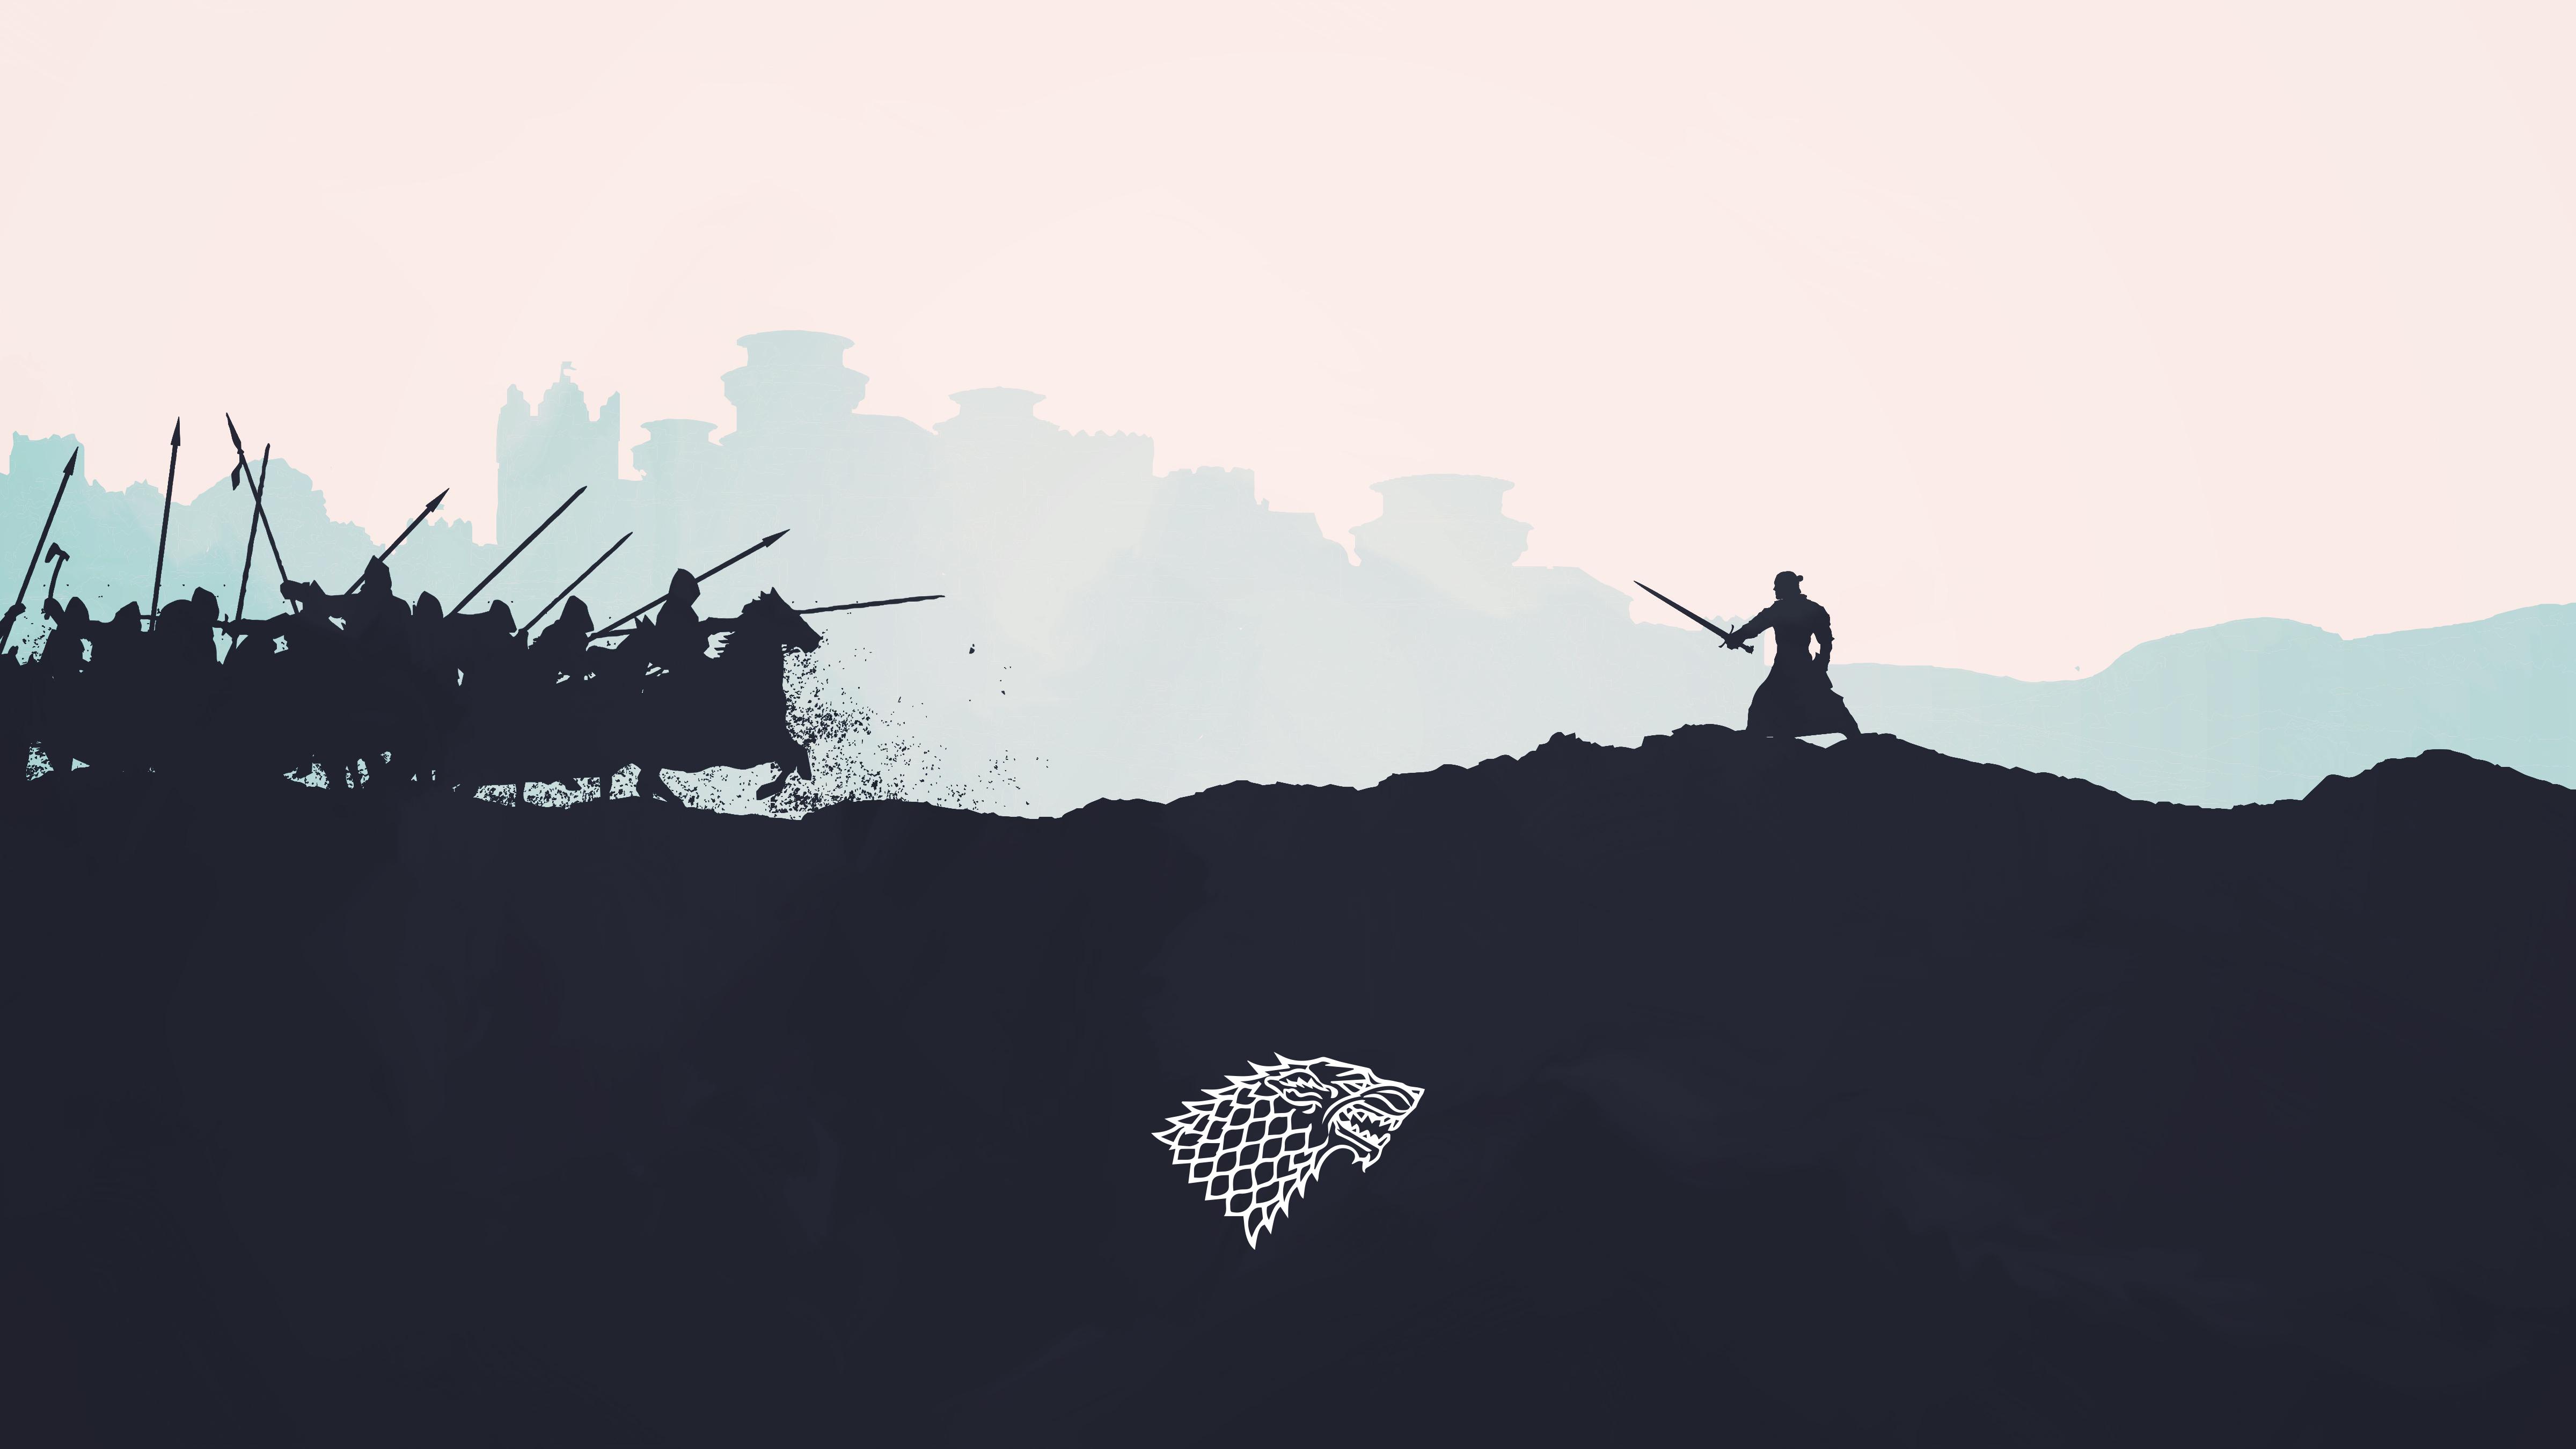 Game Of Thrones 4k Desktop Backgrounds Wallpaper   - Minimalist Macbook Wallpaper Hd - HD Wallpaper